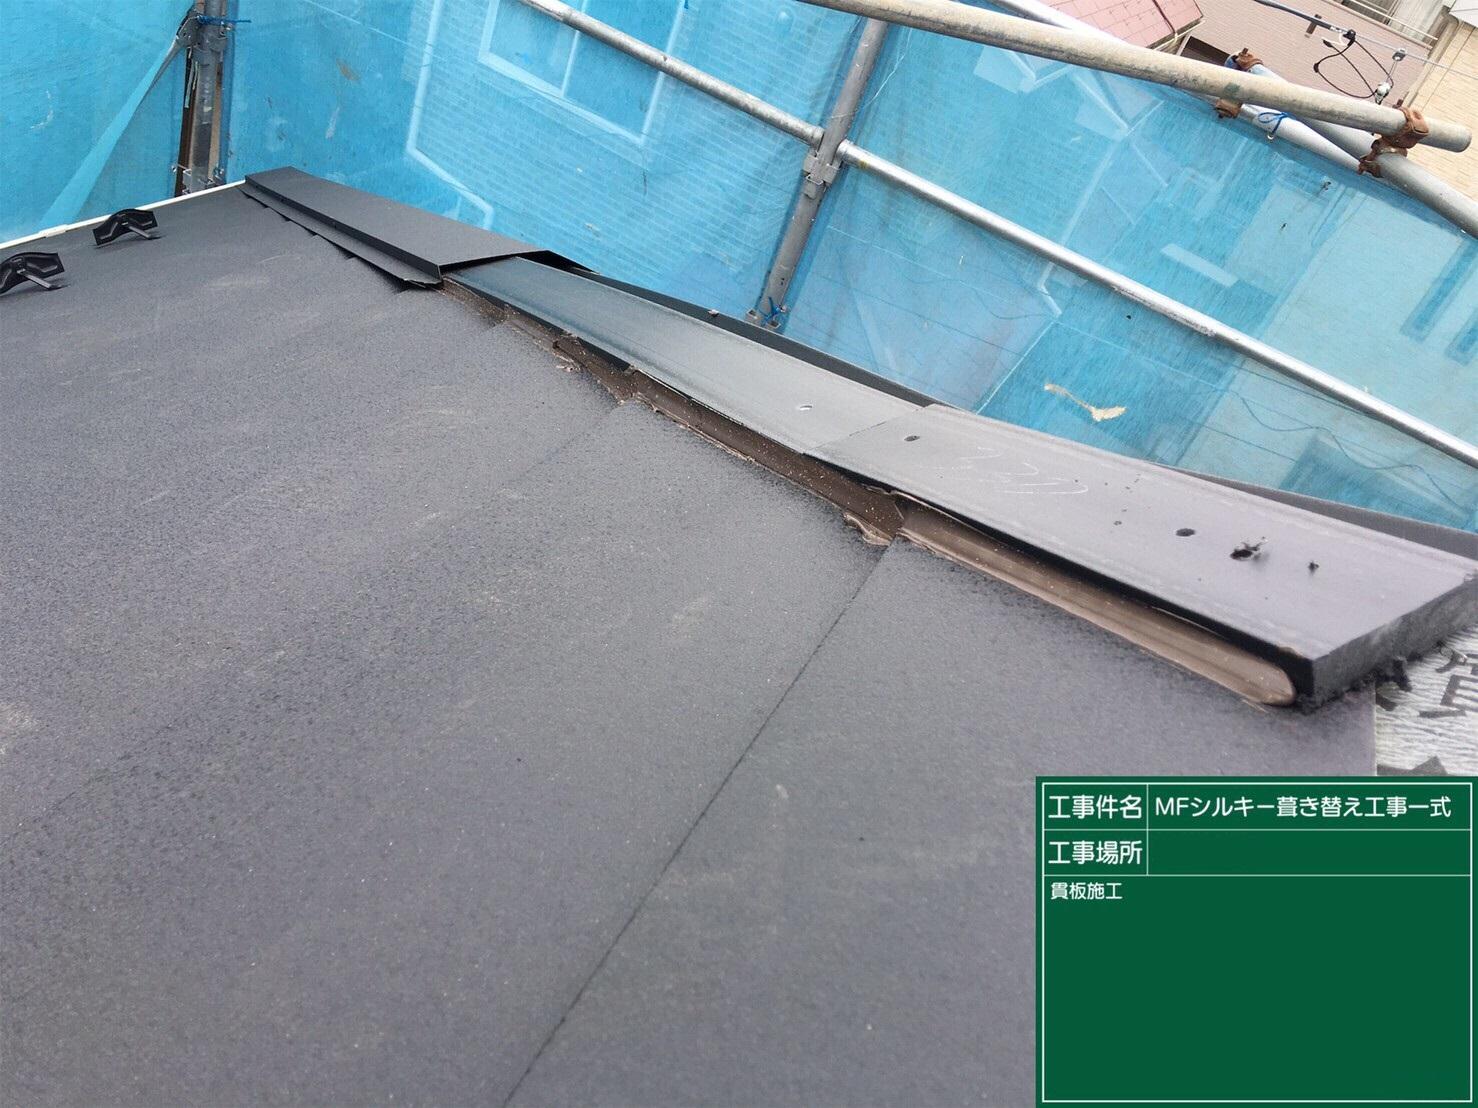 屋根工事施工写真 (45)